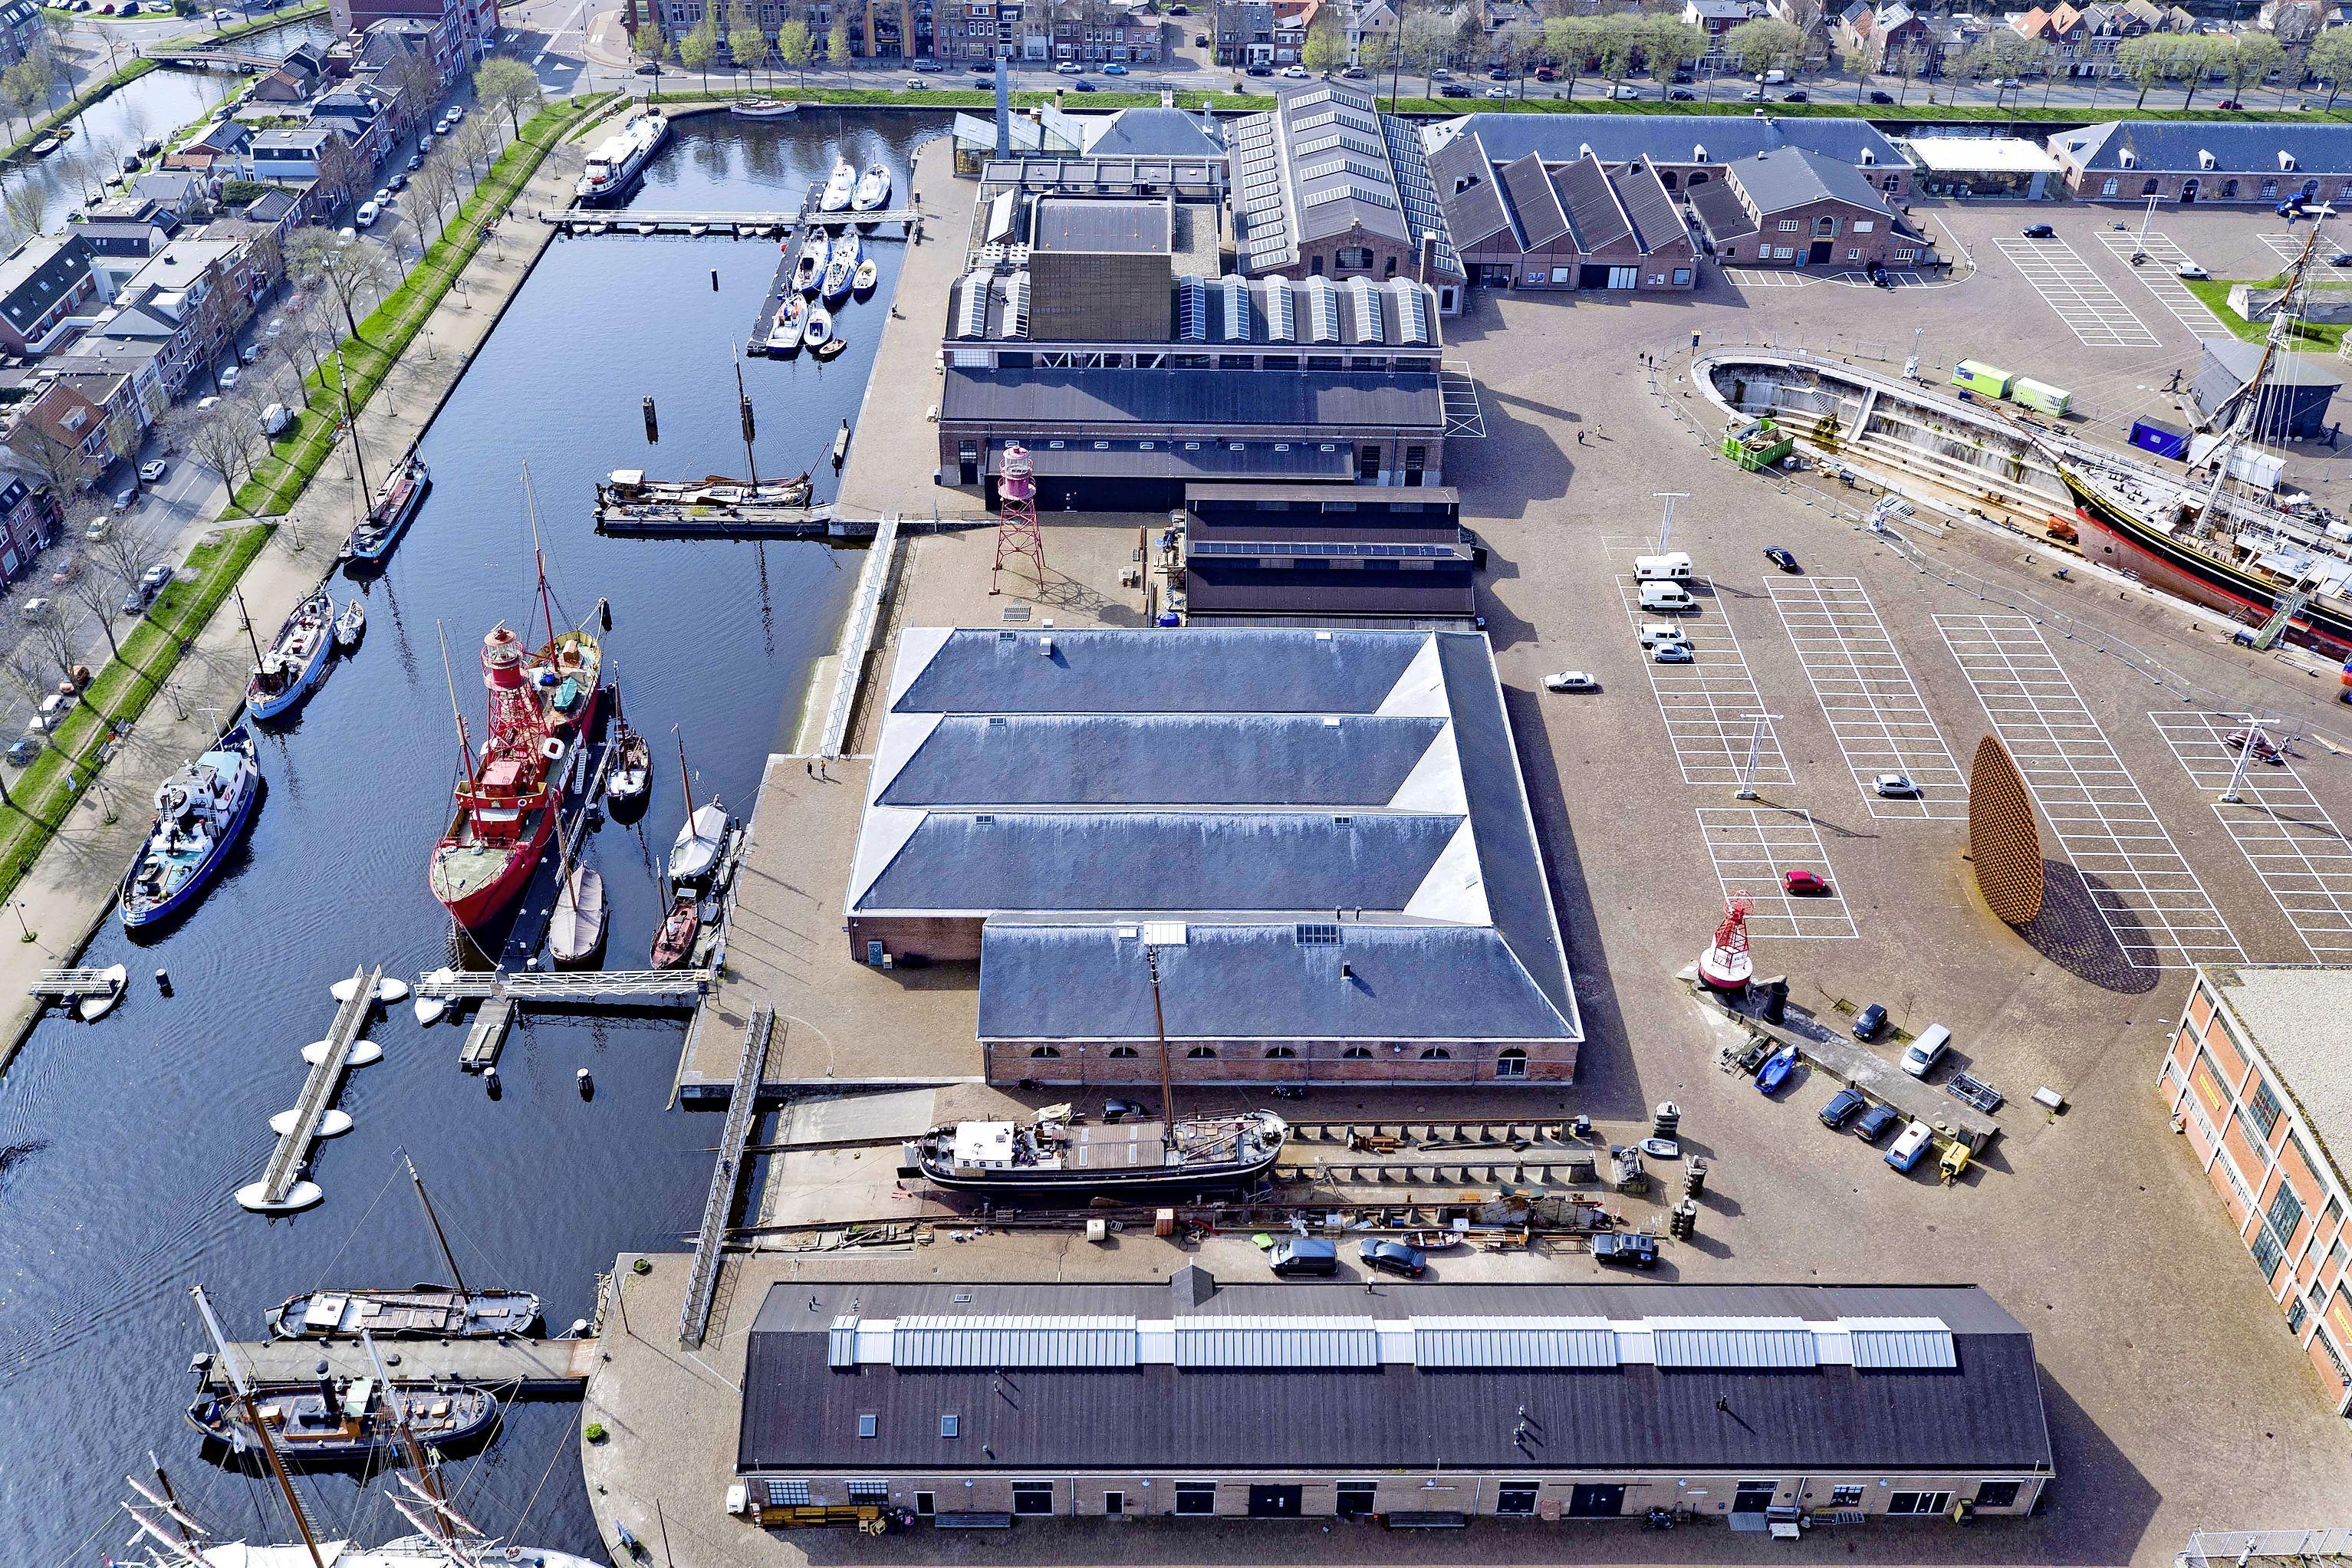 Geen enkel argument kan voorkomen dat de bouwvergunning voor het stadhuis in Den Helder wordt afgegeven